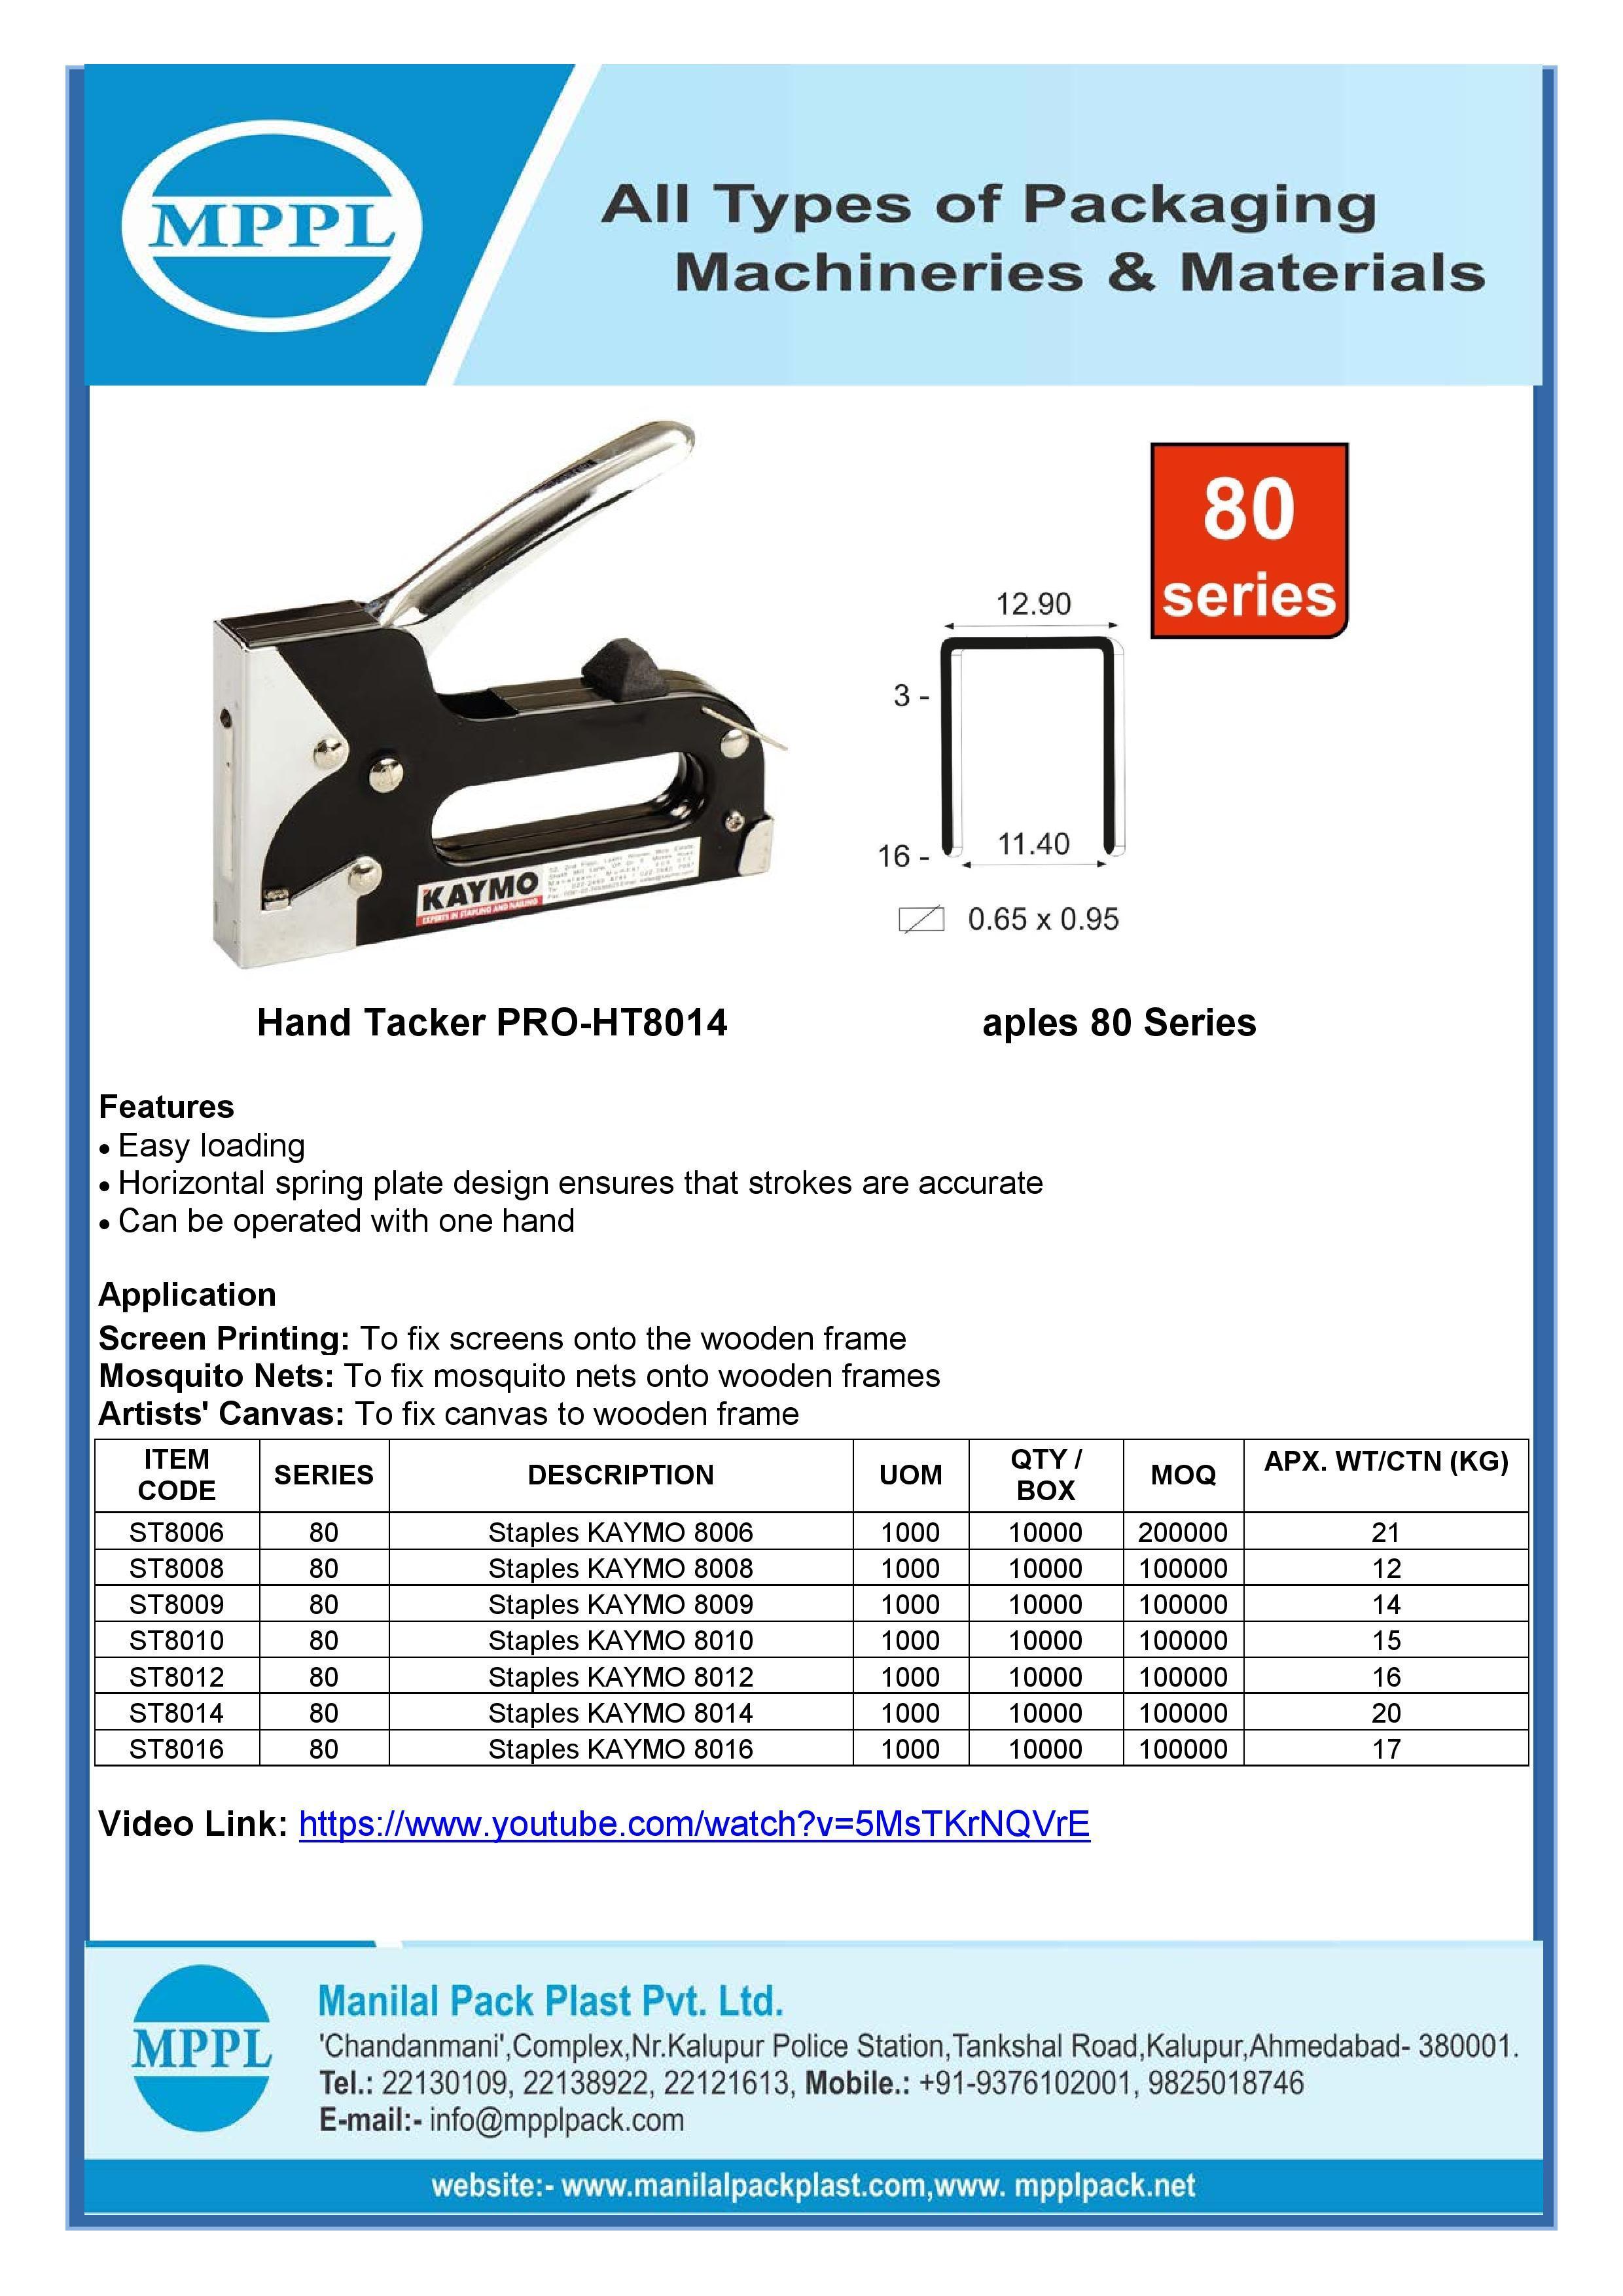 Hand Tacker PRO-HT8014